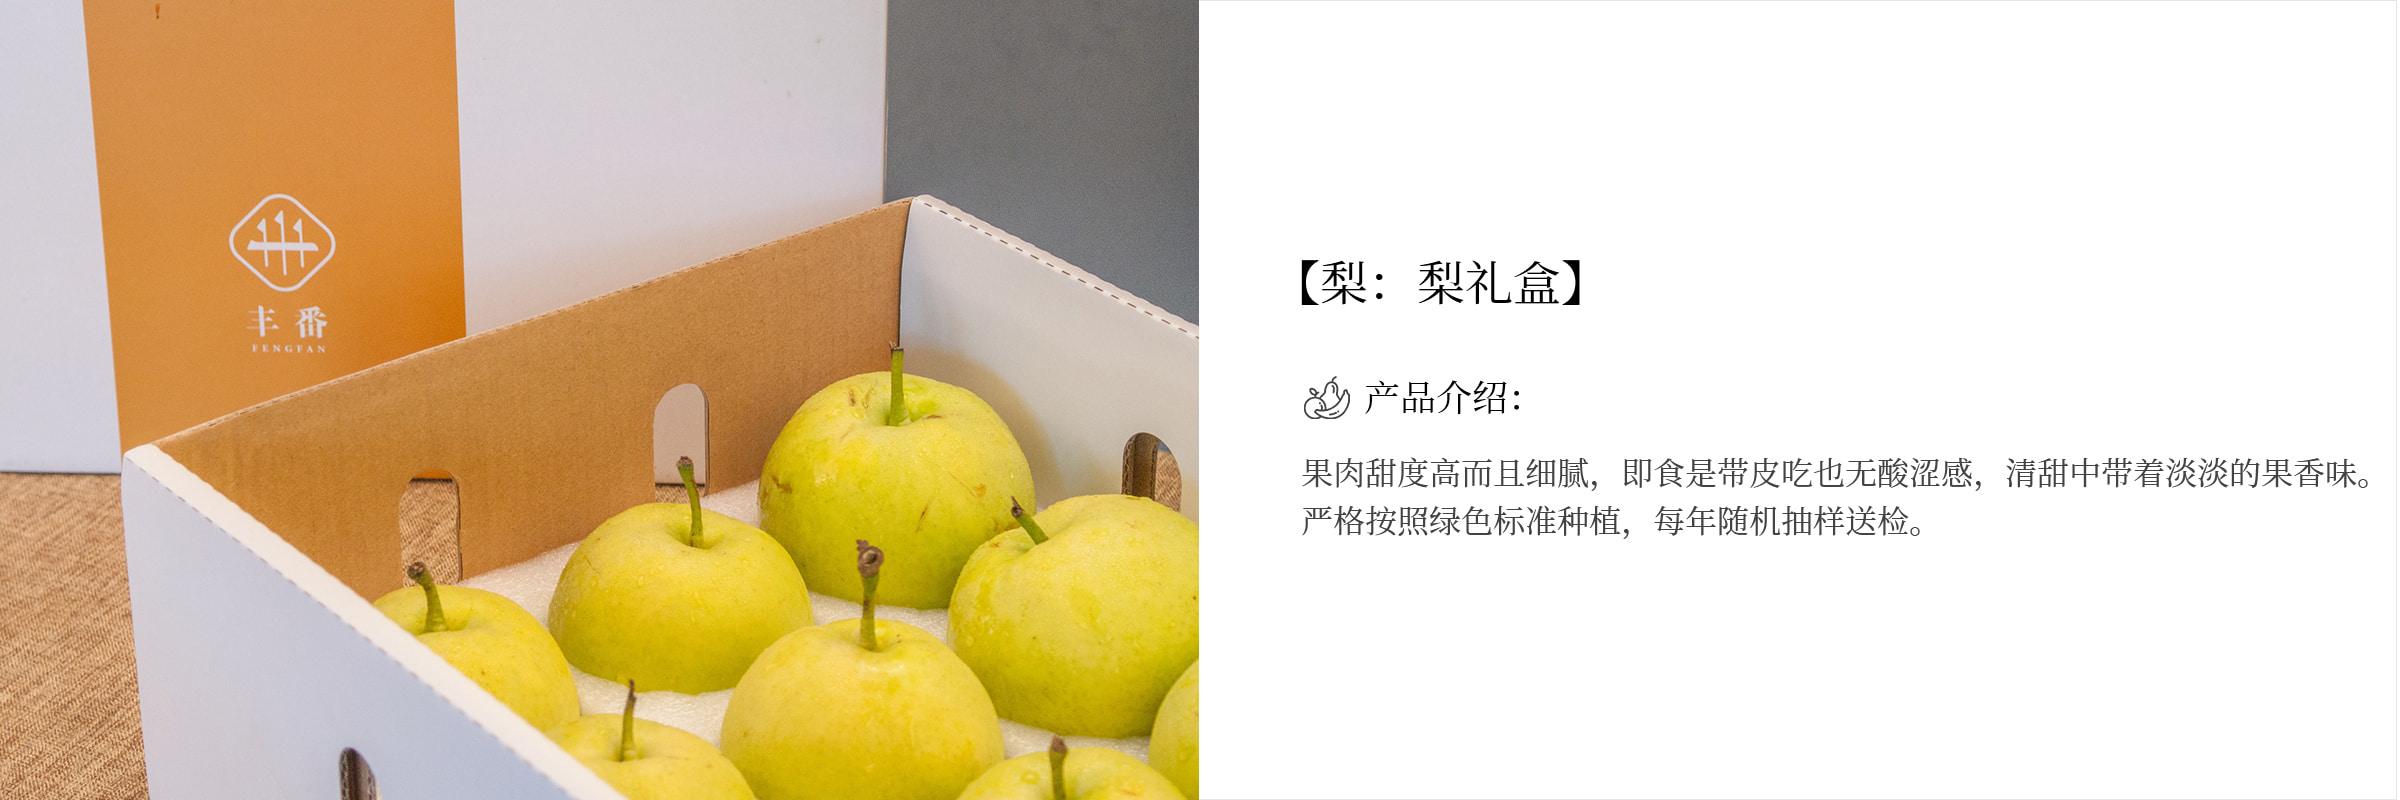 产品详情_08.jpg